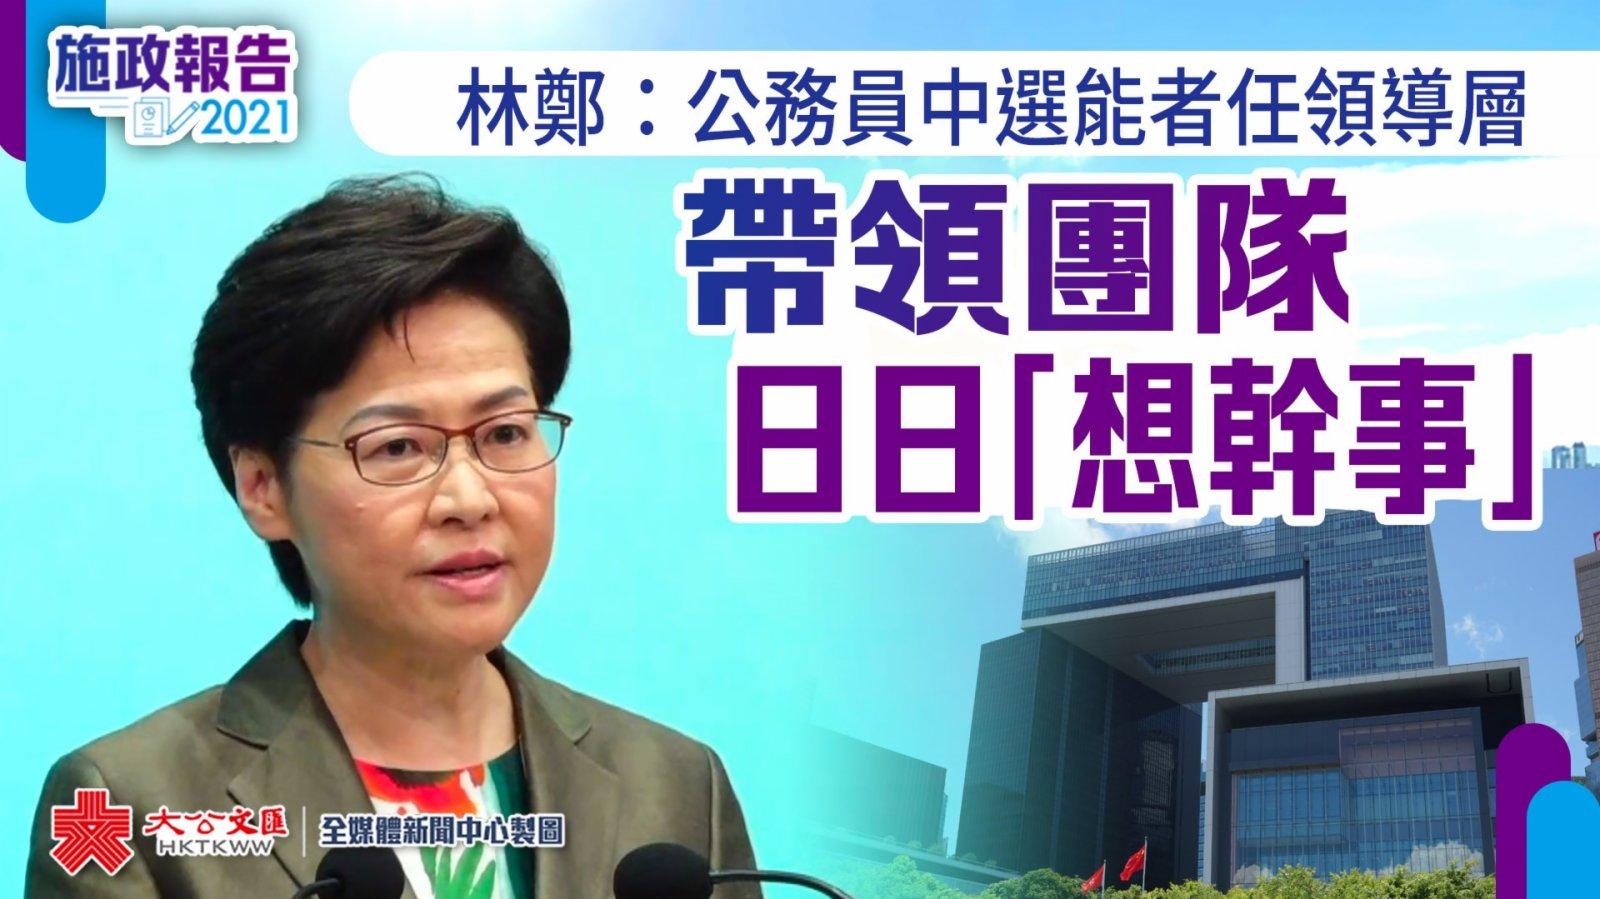 林鄭:公務員中選能者任領導層 帶領團隊日日「想幹事」